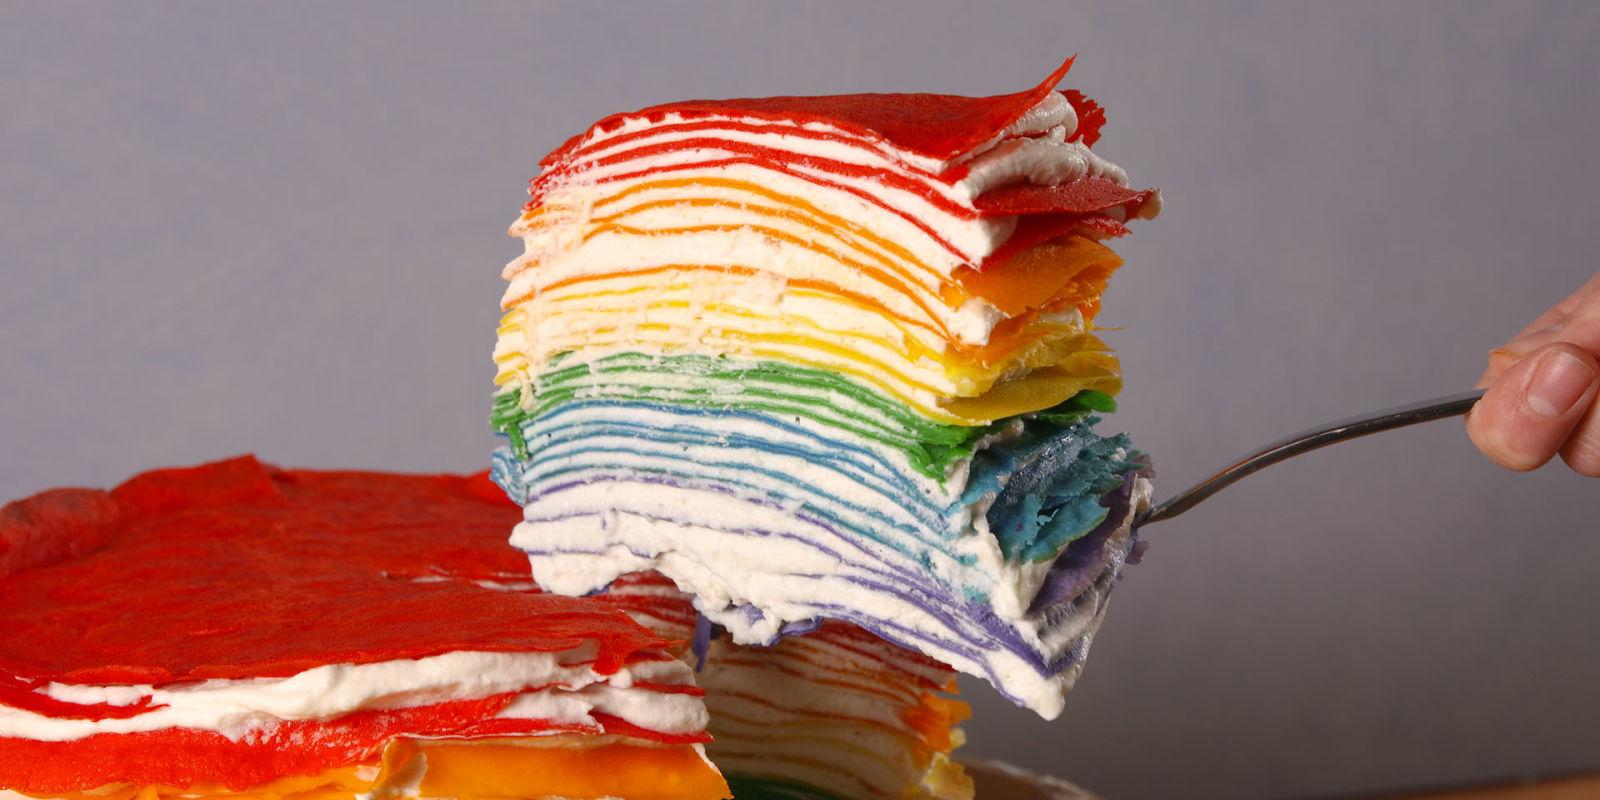 landscape-1491329606-delish-rainbow-crepe-cake-1